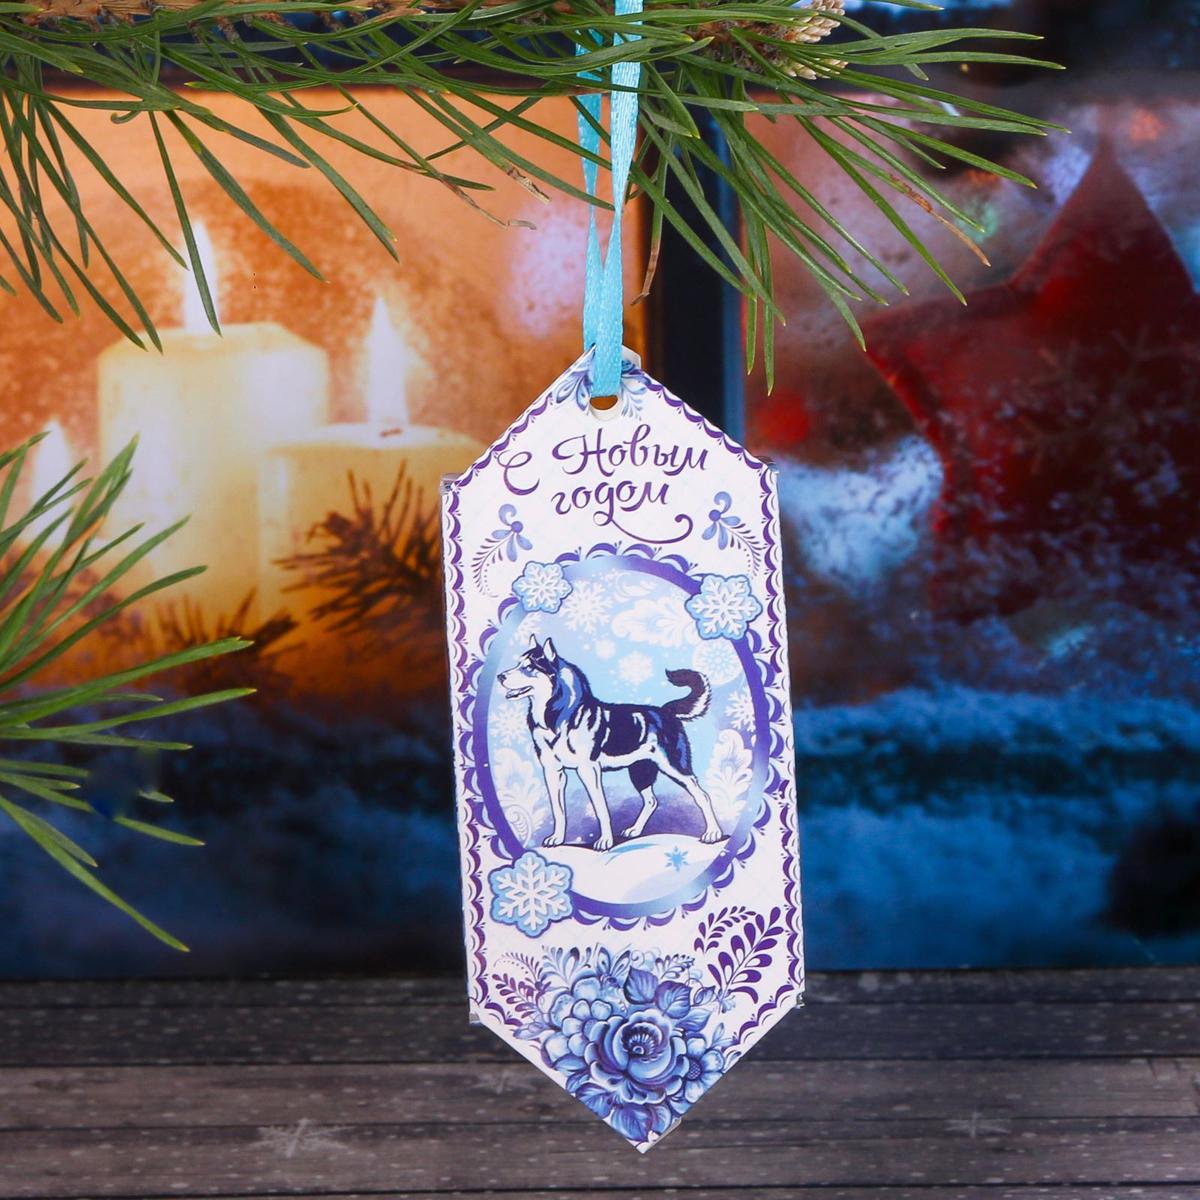 Украшение новогоднее подвесное Sima-land С Новым годом. Хаски, 14 см х 13 см, 6 шт2196286Новогодние украшения Sima-land изготовлены из пластика. Изделия имеют плотный корпус, поэтому не разобьются при падении.Невозможно представить нашу жизнь без праздников! Новогодние украшения несут в себе волшебство и красоту праздника. Создайте в своем доме атмосферу тепла, веселья и радости, украшая его всей семьей.